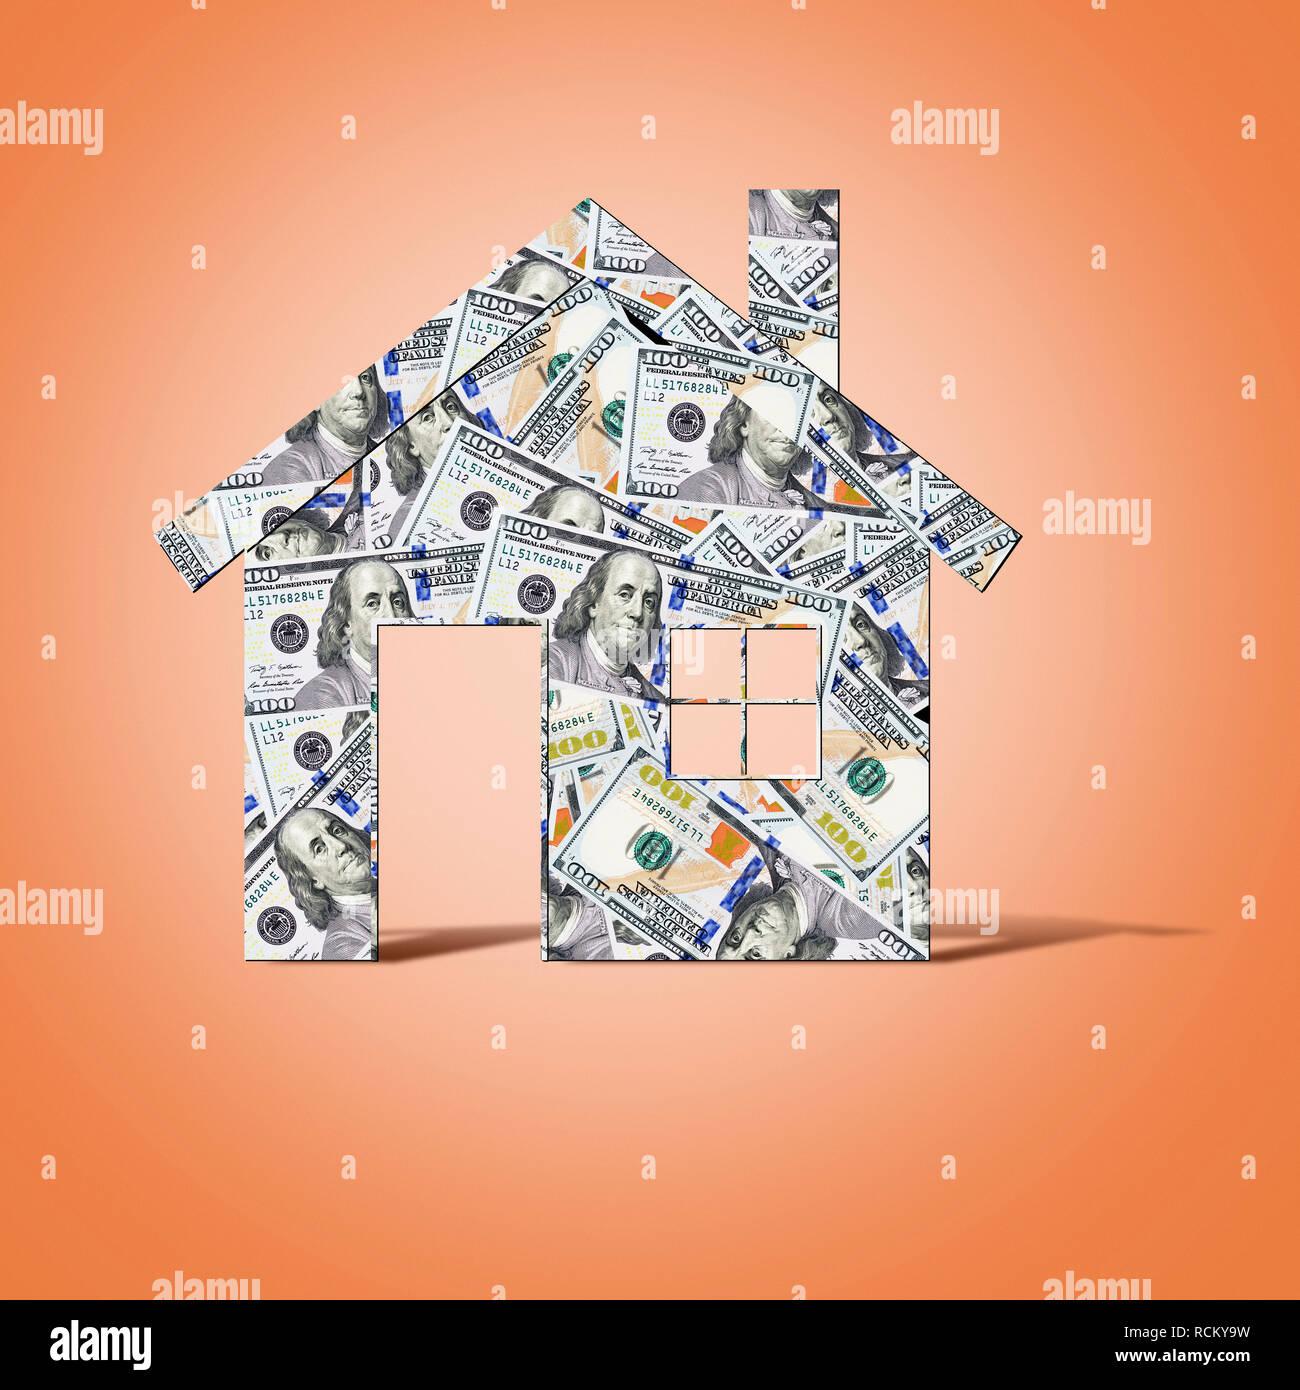 US Dollar Banknoten, die in Form von Haus, Computer Generated Images, orange Farbe Hintergrund Stockbild